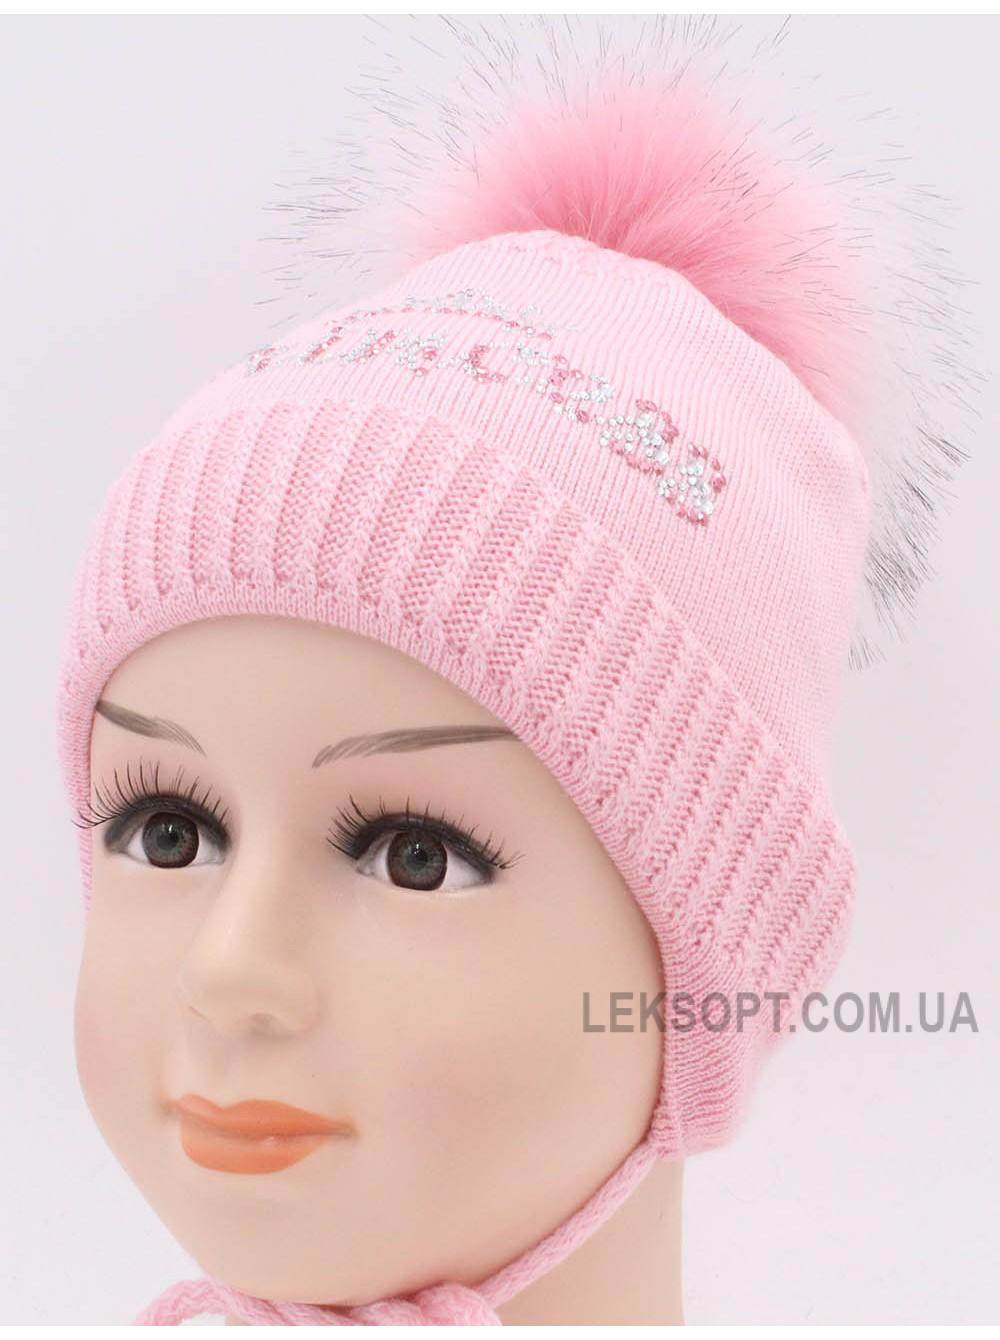 Детская вязаная шапка Малышка D47037-44-48